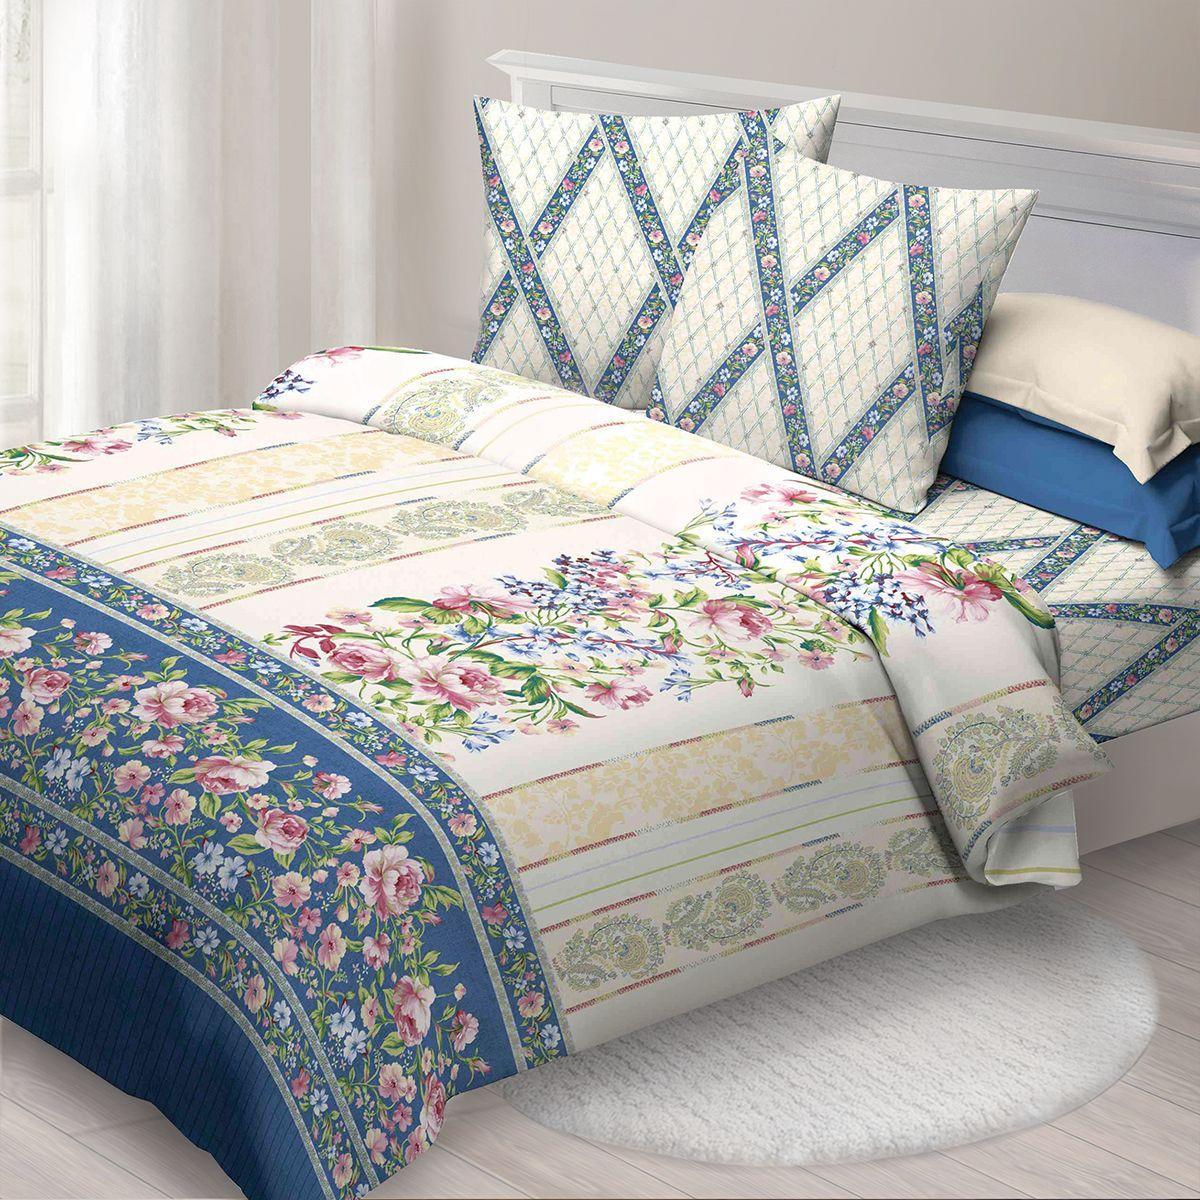 Комплект белья Спал Спалыч Соблазн, 2-х спальное, наволочки 70x70, цвет: синий. 3523-182456